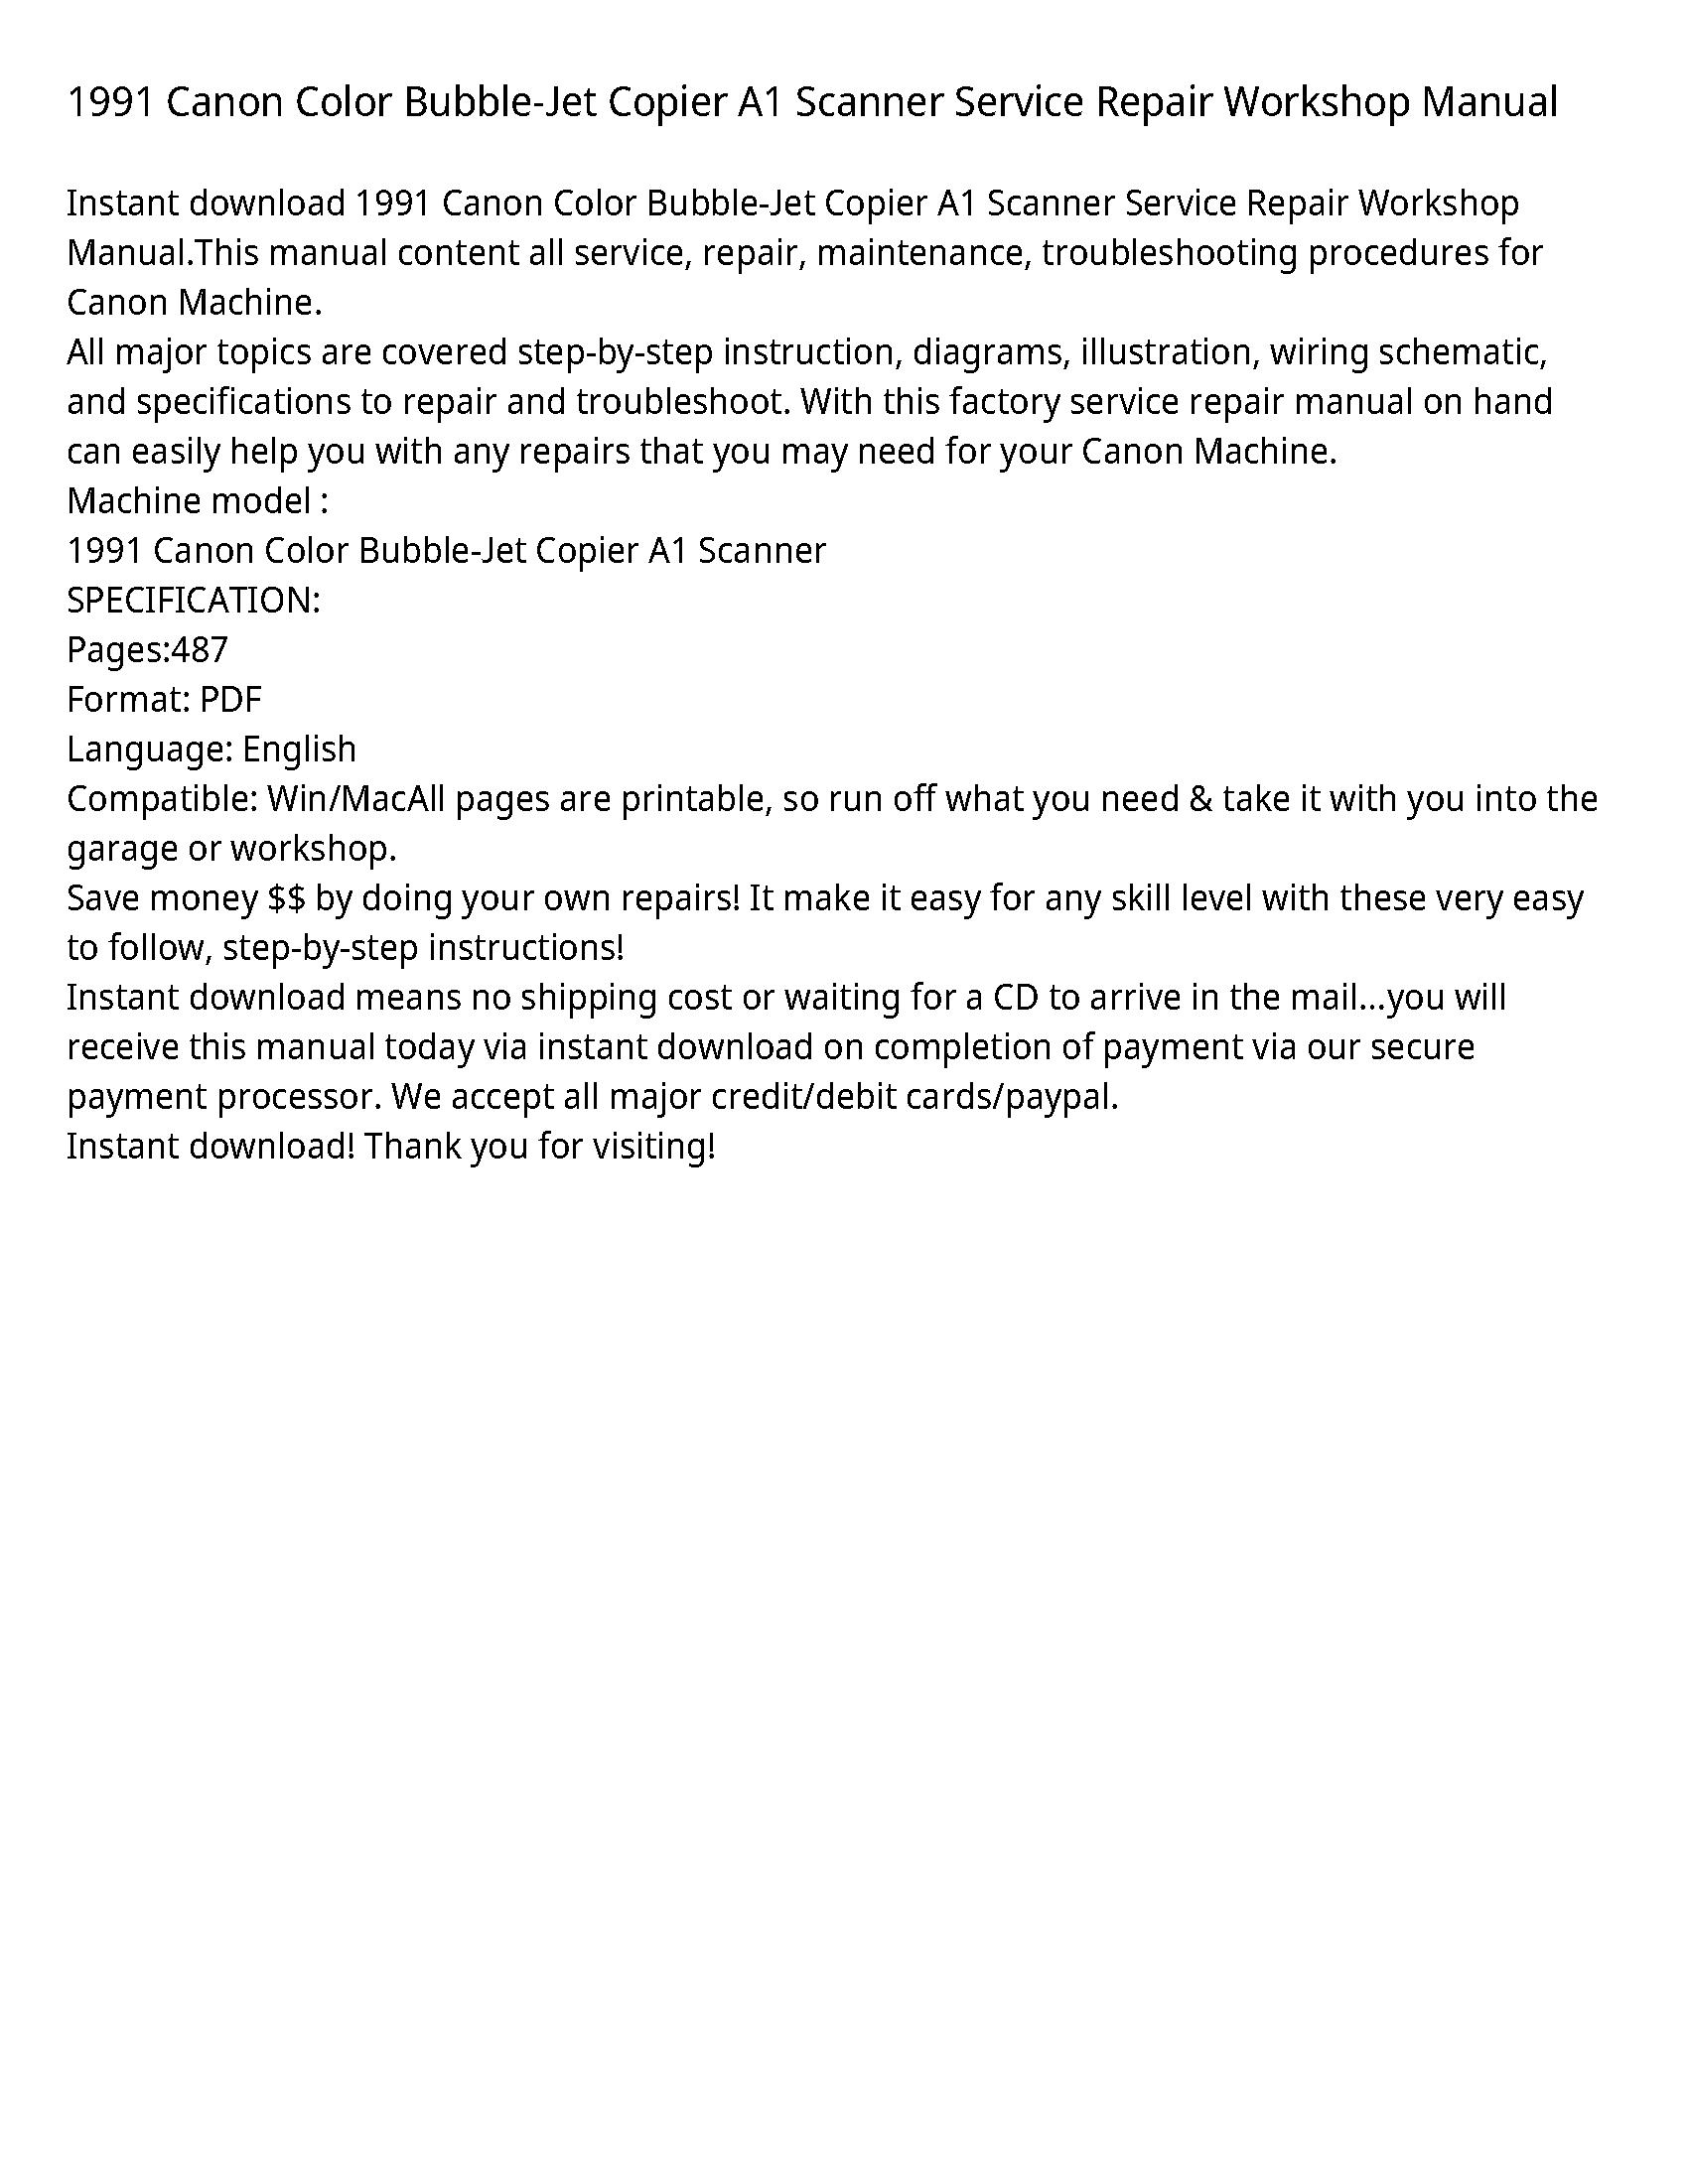 Canon A1 Color Bubble-Jet Copier Scanner manual